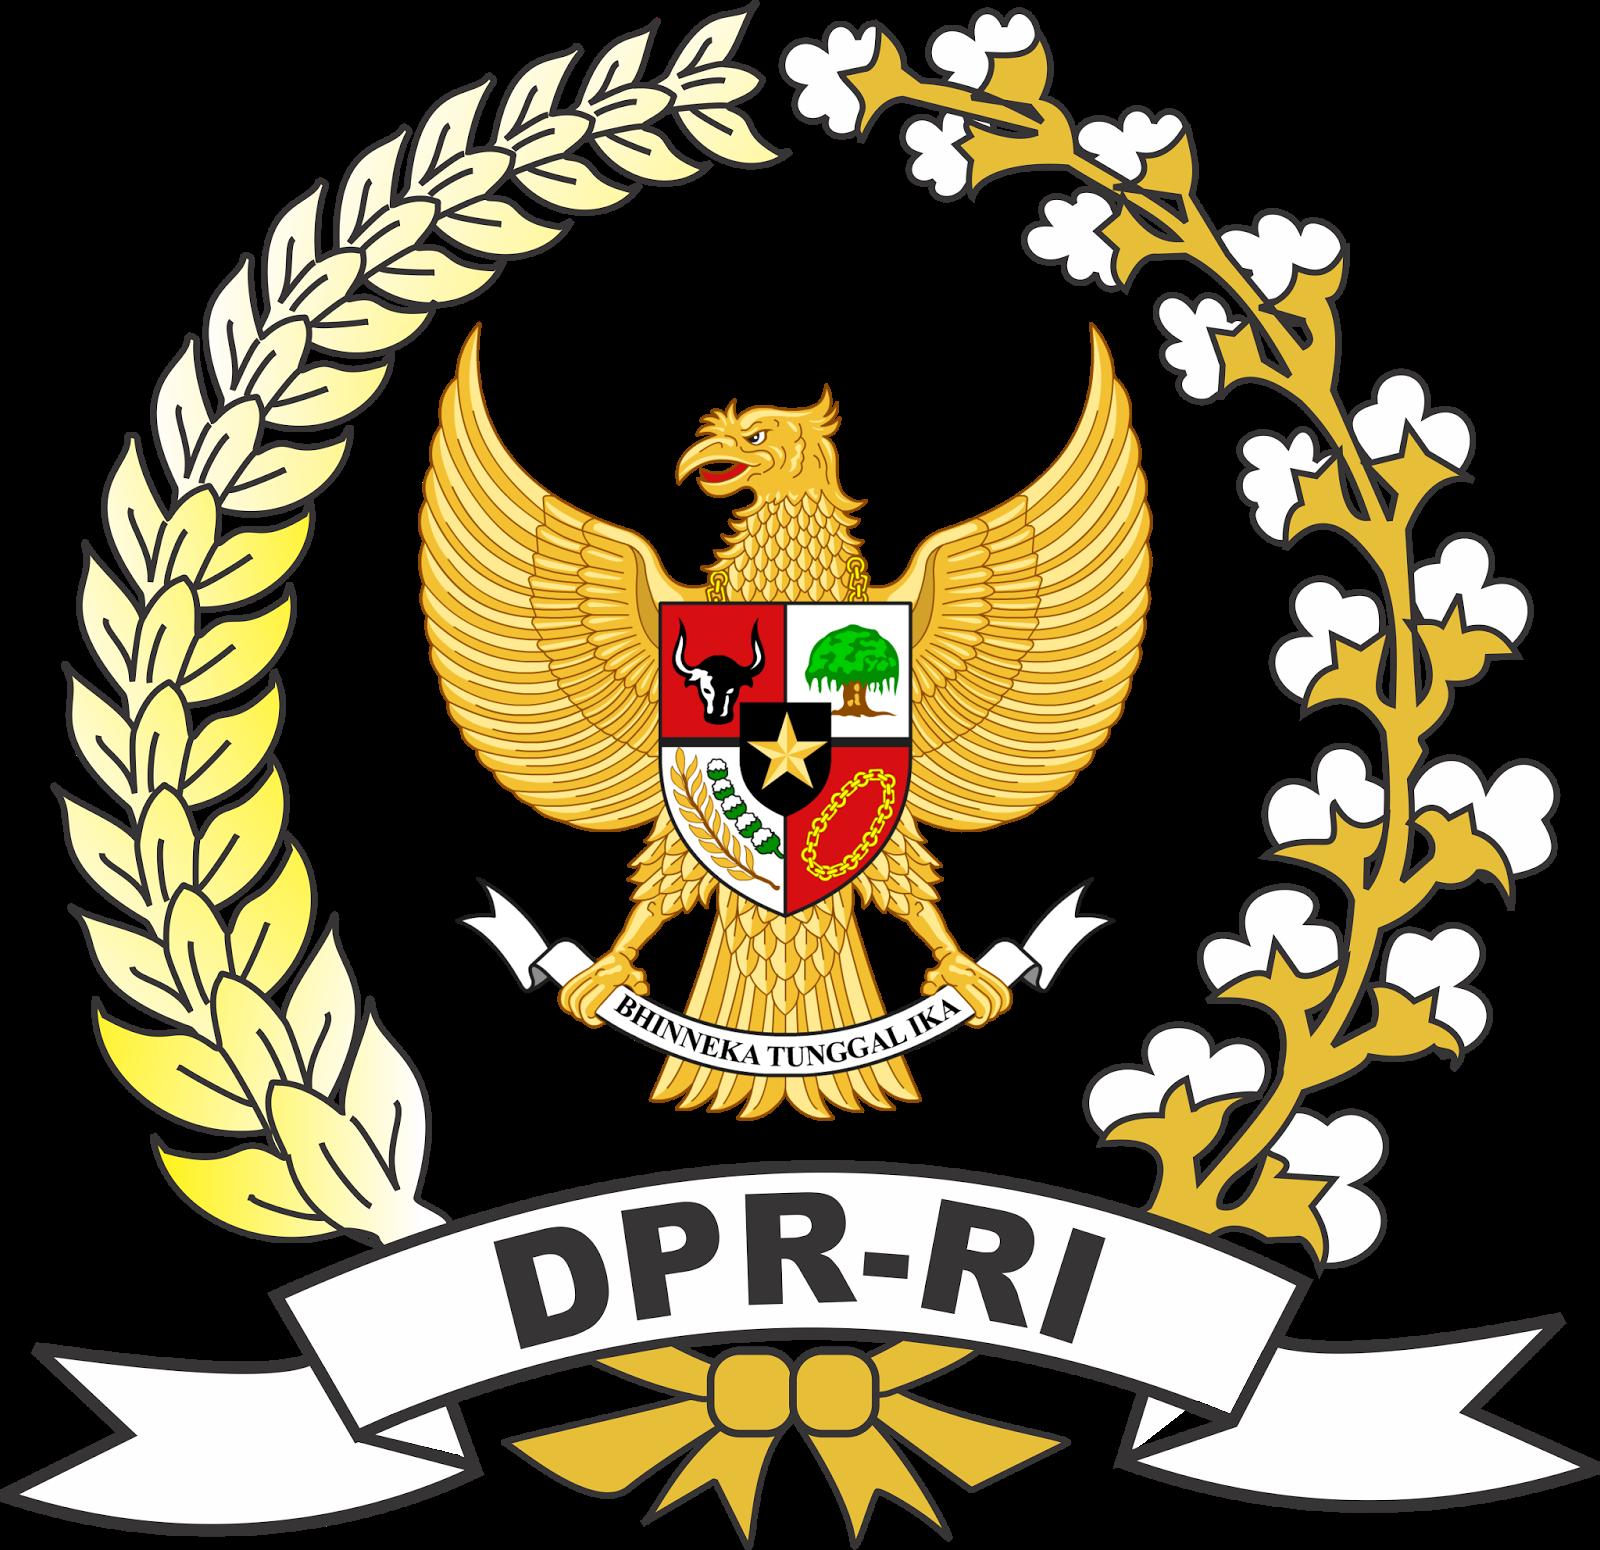 DPR - RI